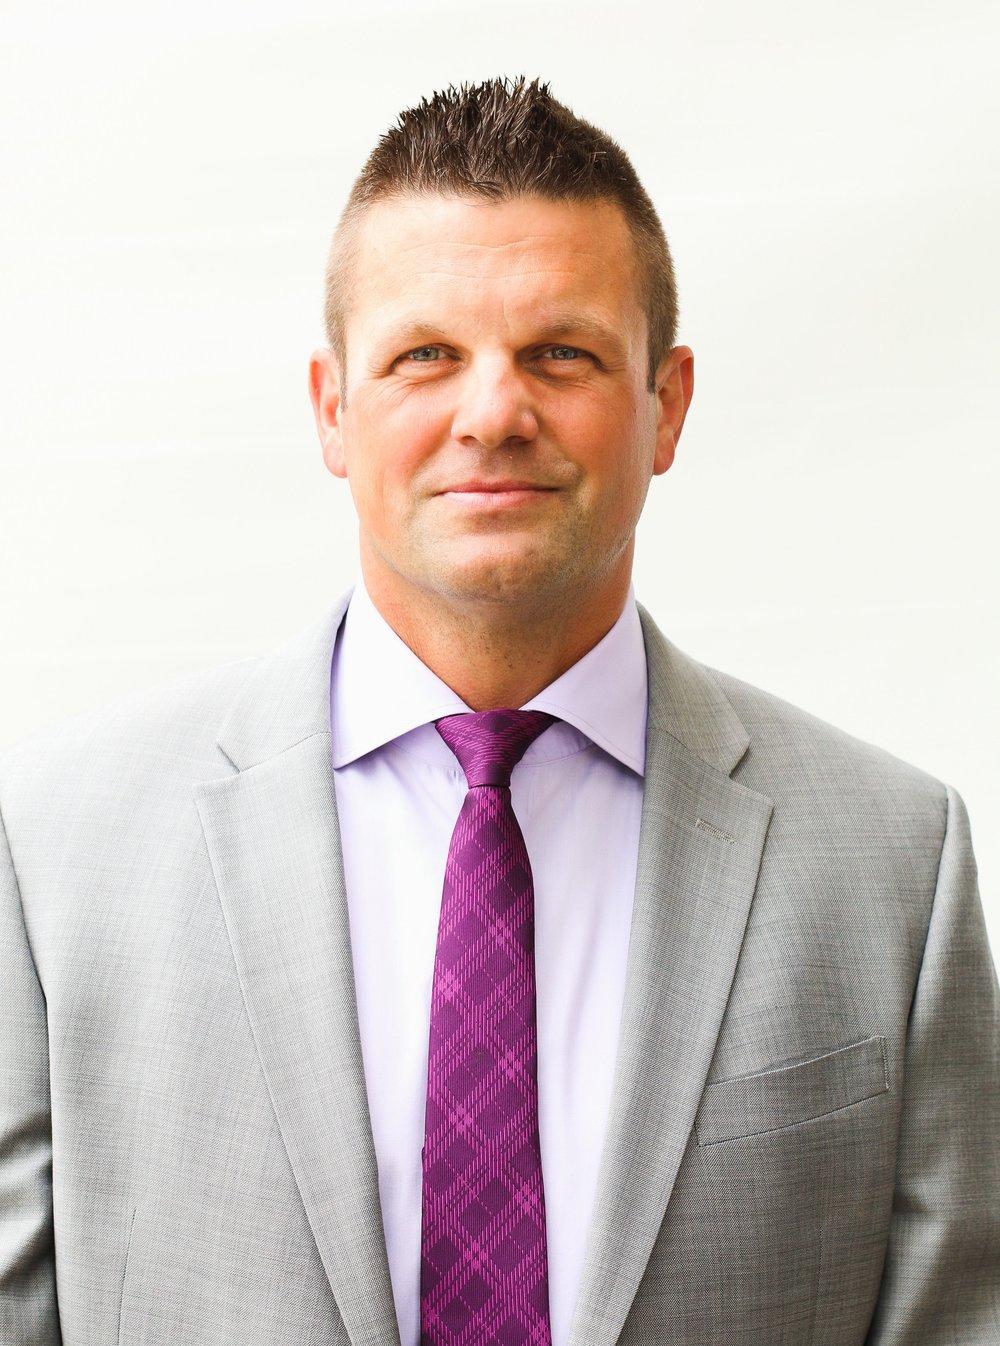 Michal Witowski